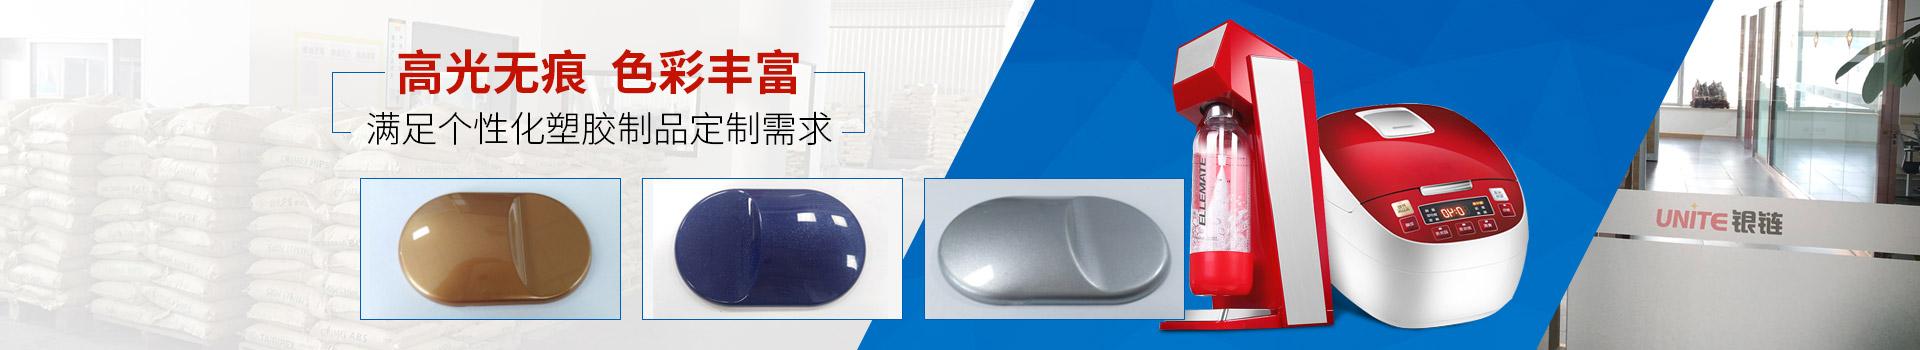 银链-满足个性化塑胶制品定制需求